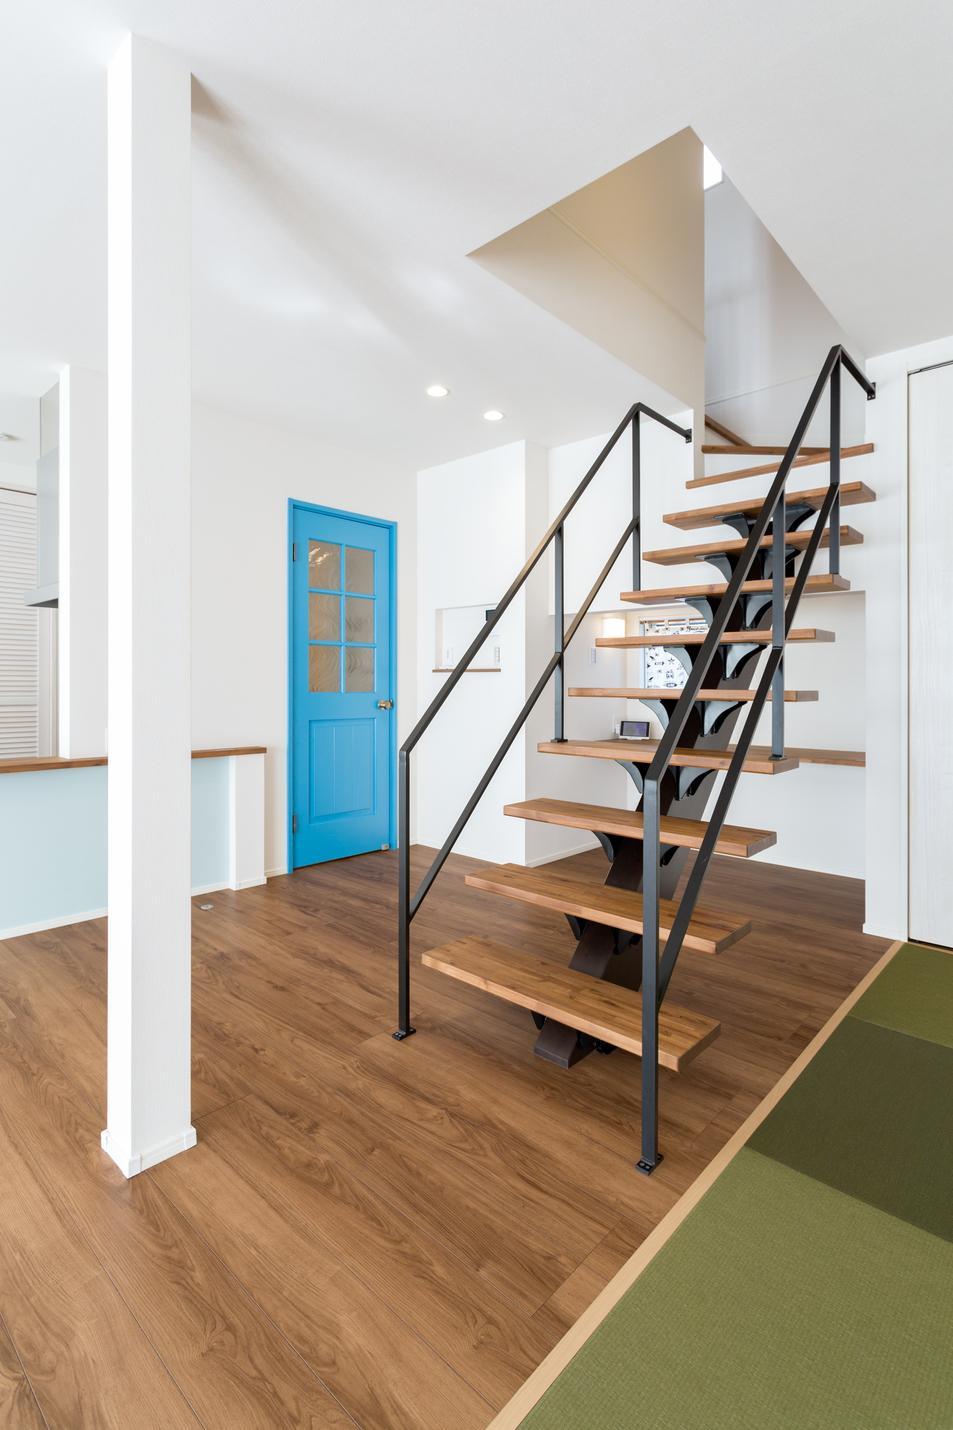 アイアンの手すりがかっこいいリビング階段。階段の裏にはワークスペースも設計